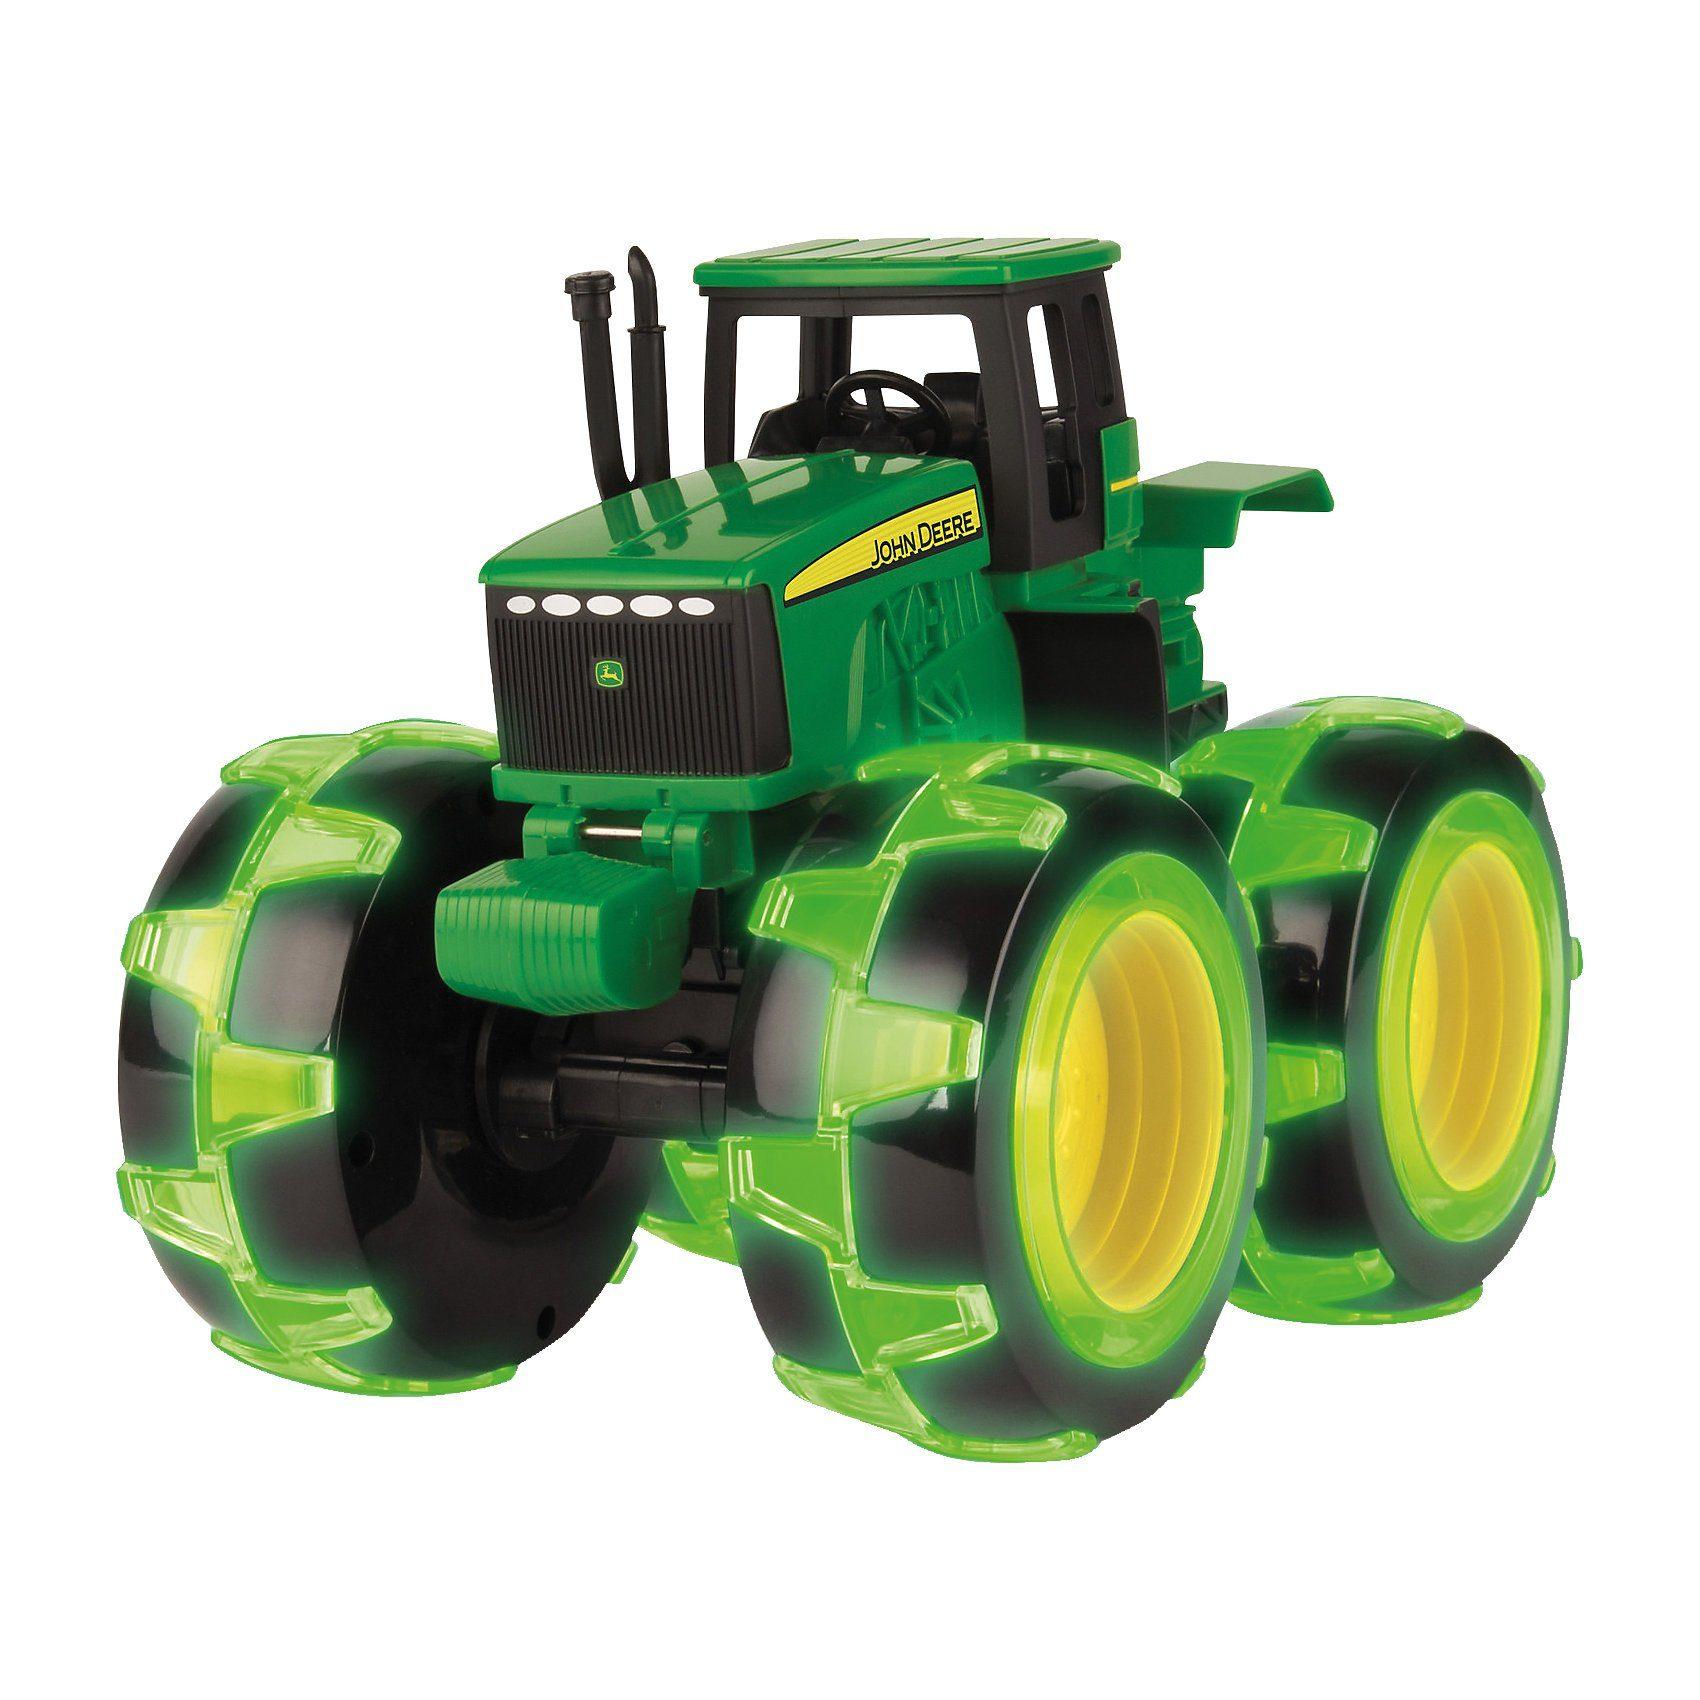 Tomy® Monster Treads John Deere mit leuchtenden Rädern